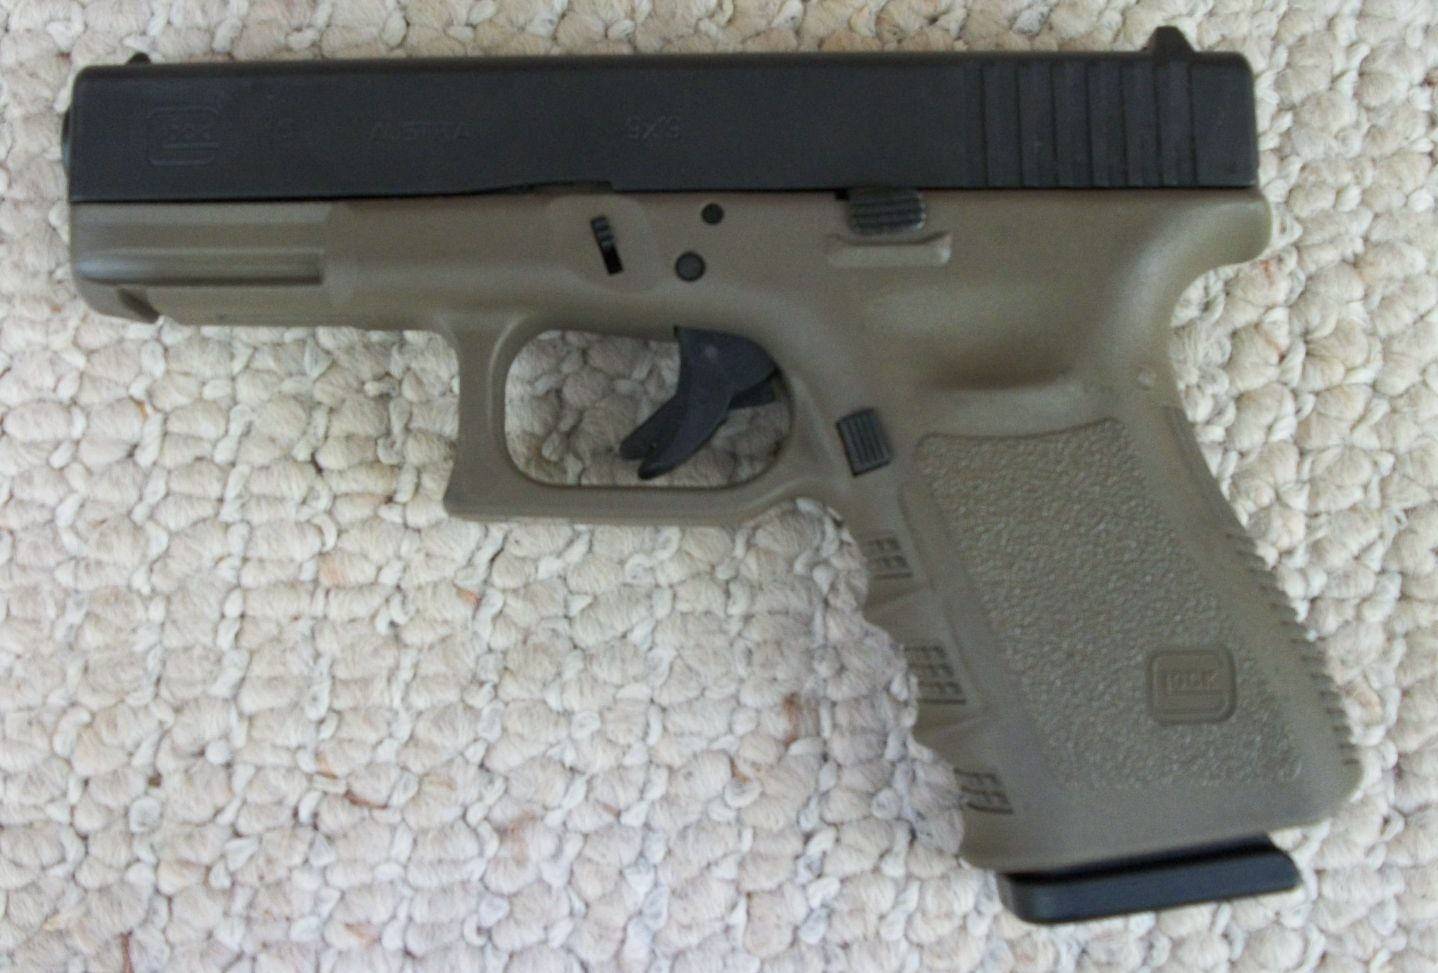 Glock Pistols: Myth and Reality